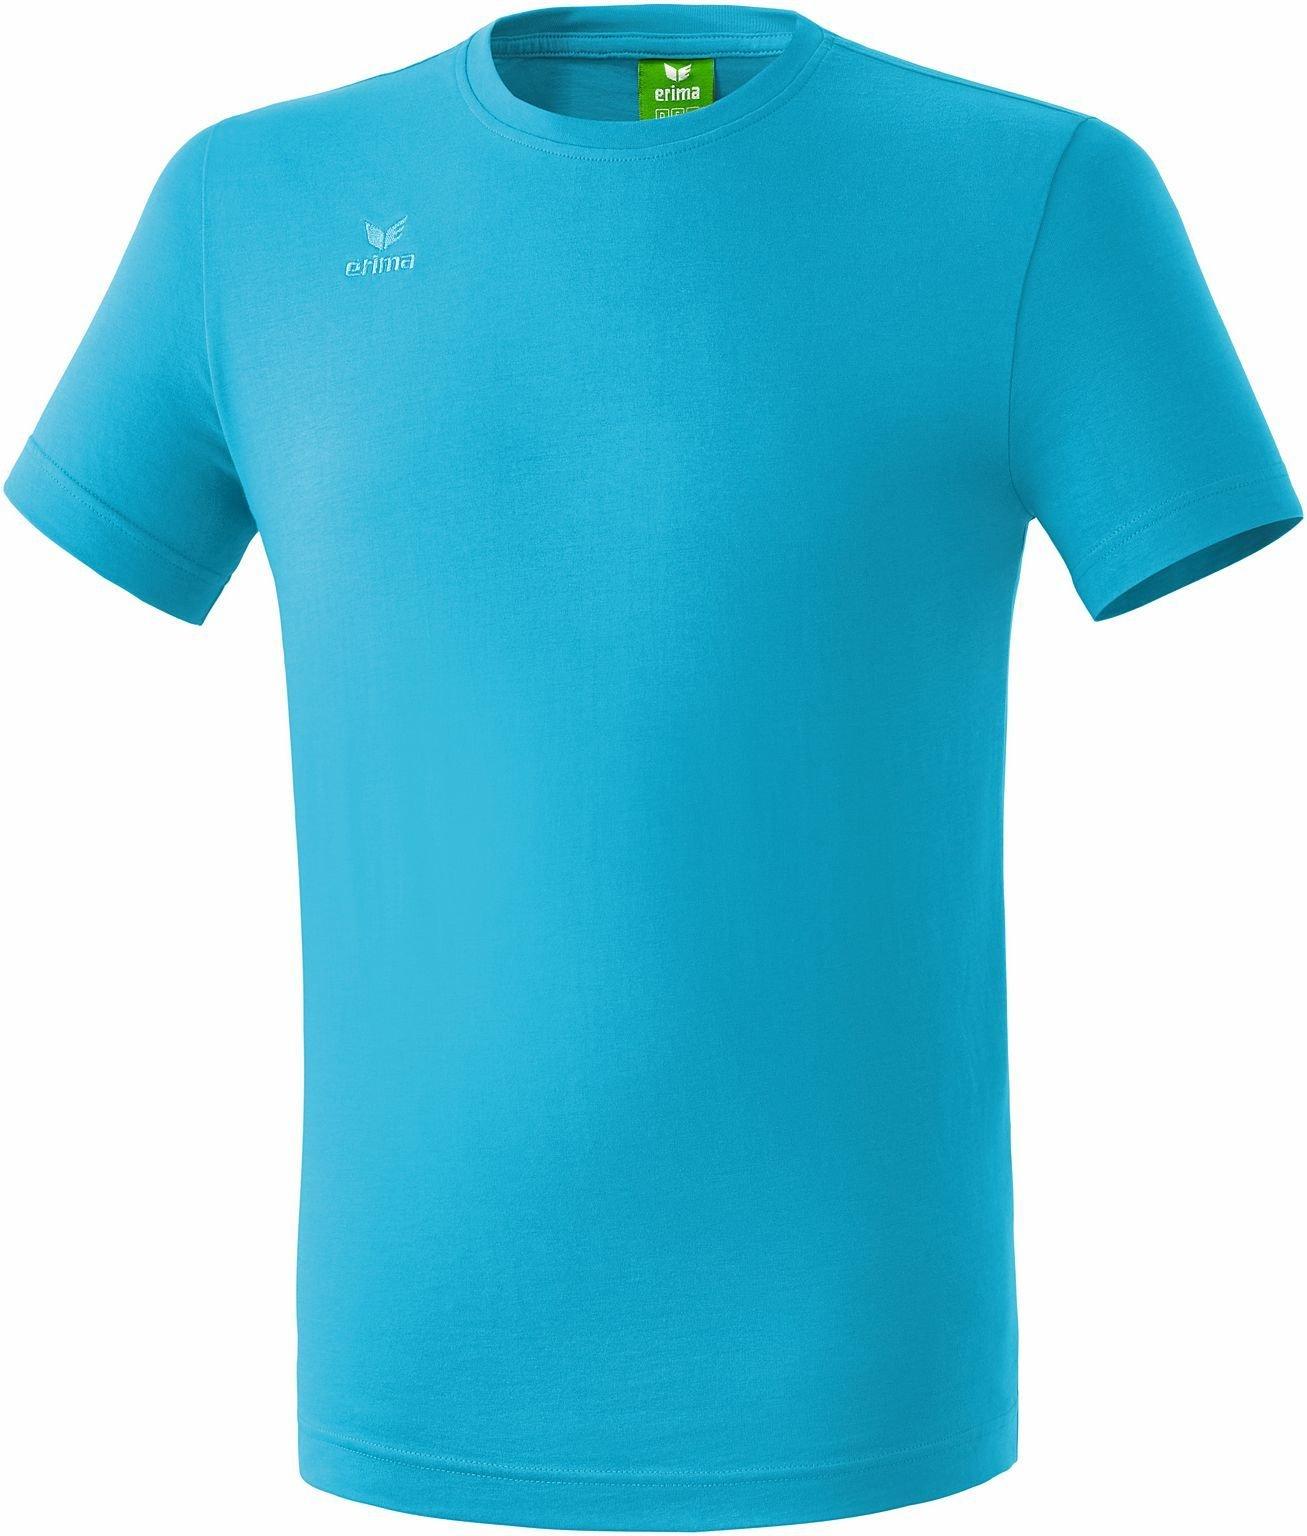 Teamsport T-Shirt Herren